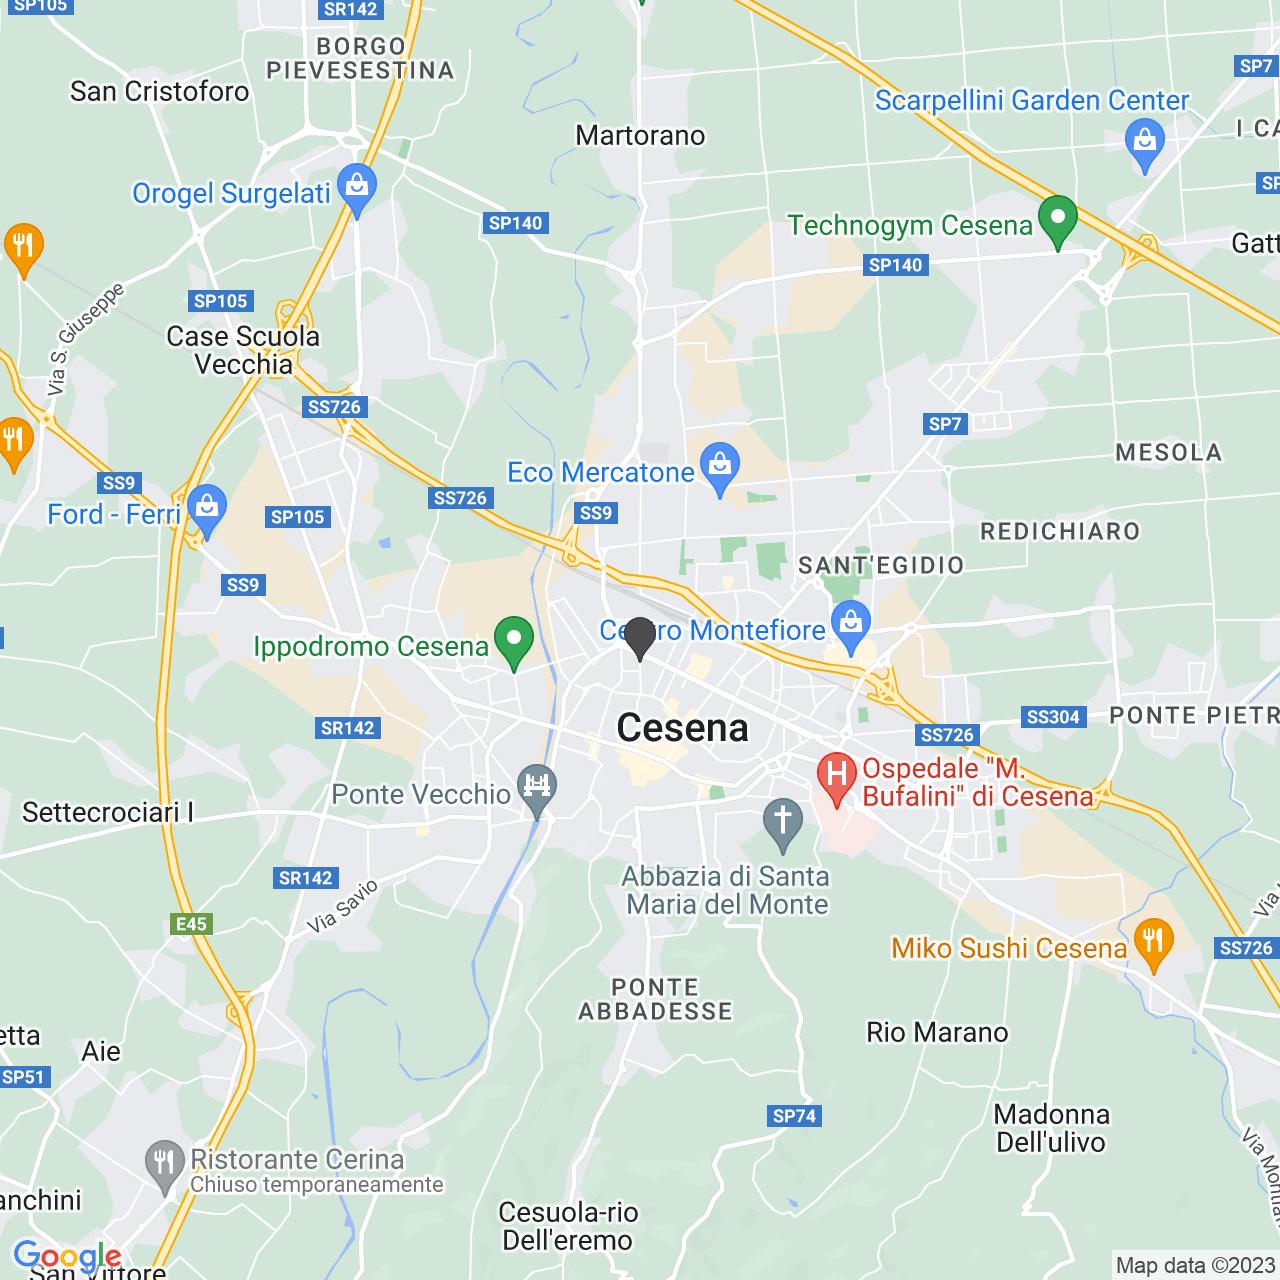 Chiesa Evangelica Battista di Cesena